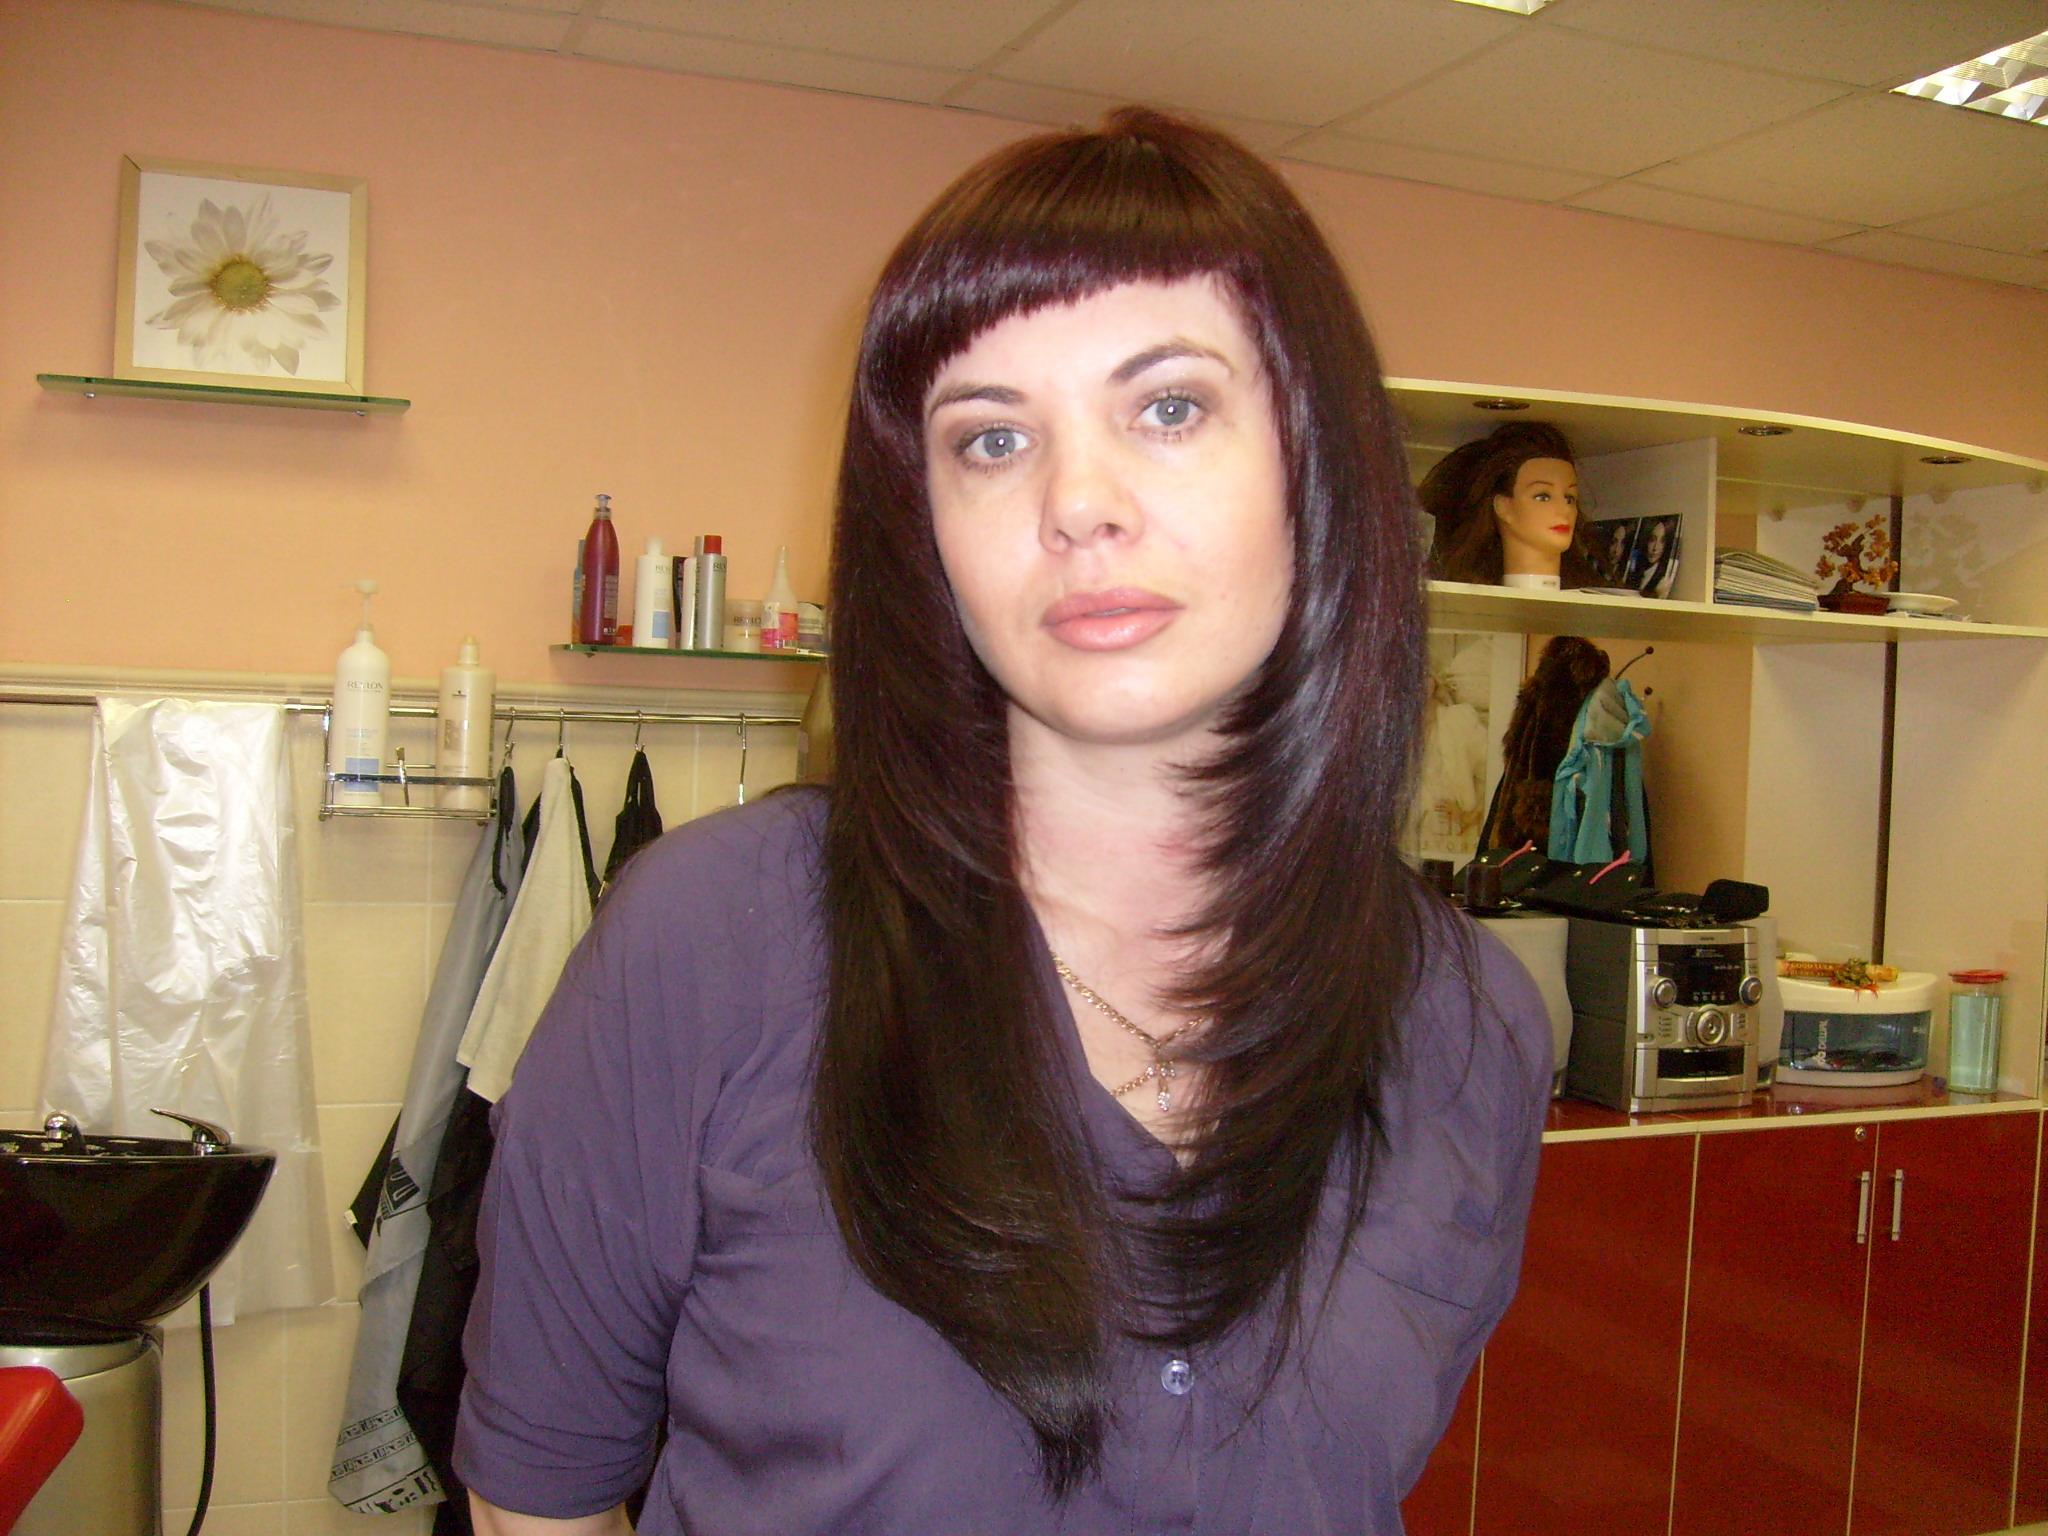 Работа парикмахер без опыта работы 14 фотография